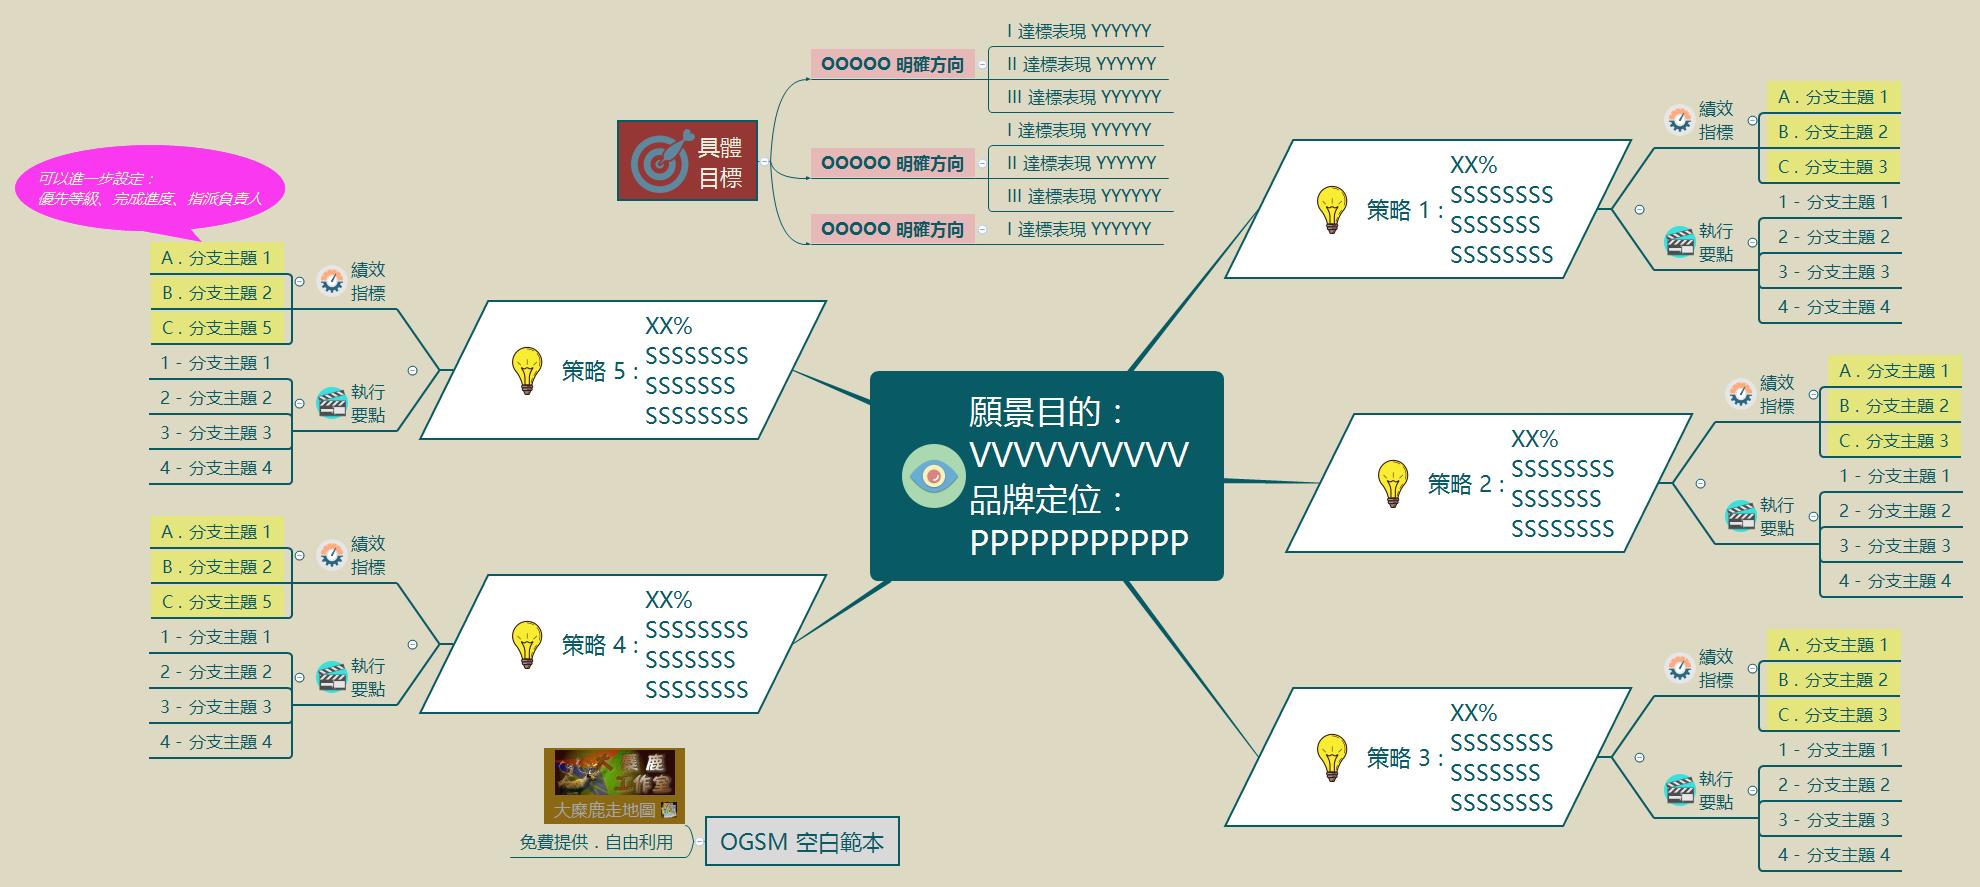 OGSM經營策略計畫 範本